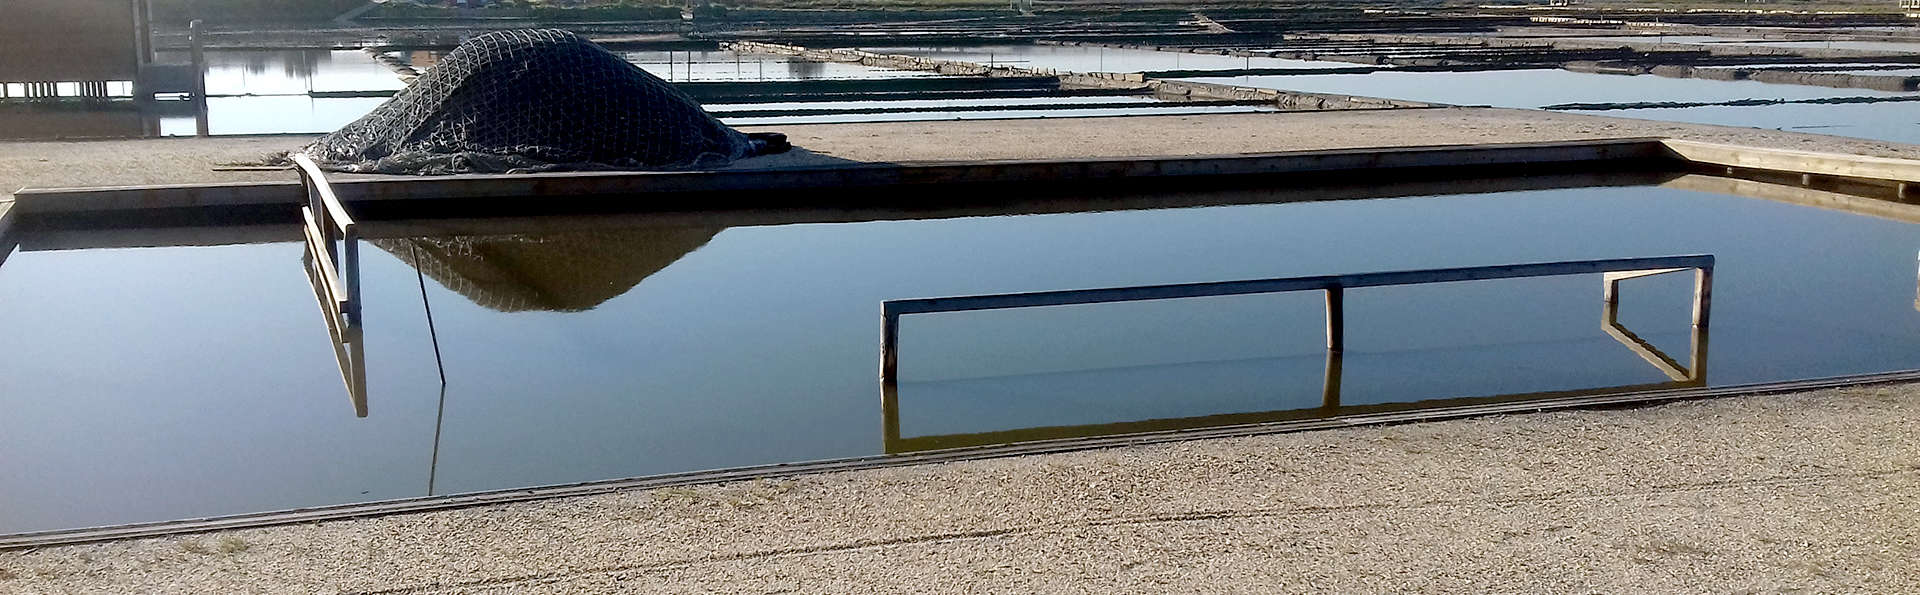 Descubre salinas con visita guiada y alójate en el centro de la preciosa Aveiro